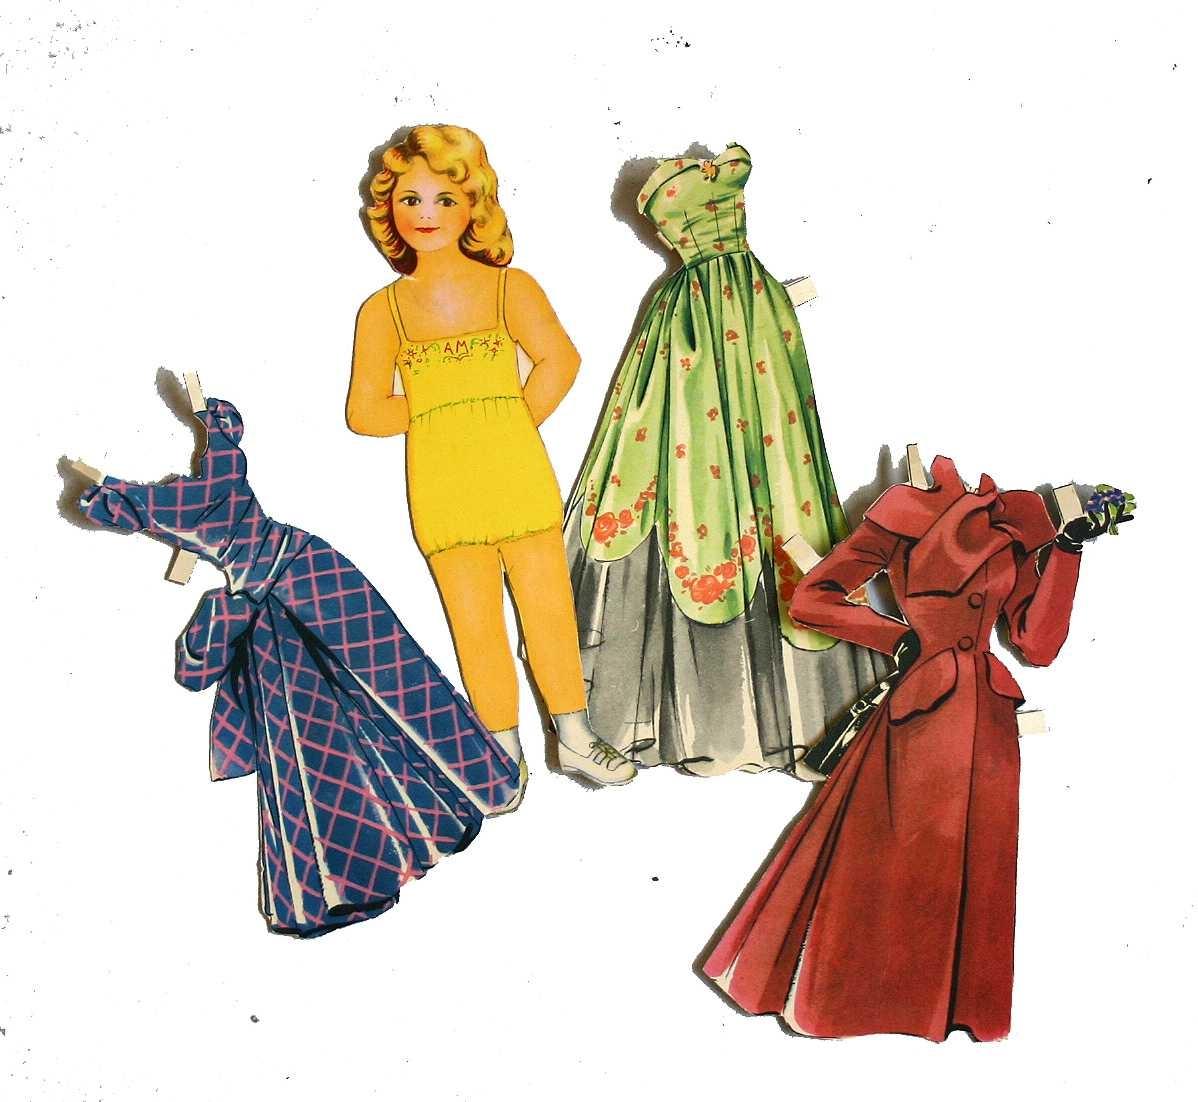 Papirdokker med ulike/diverse klede - nokre kjøpte - nokre teikna av givar.